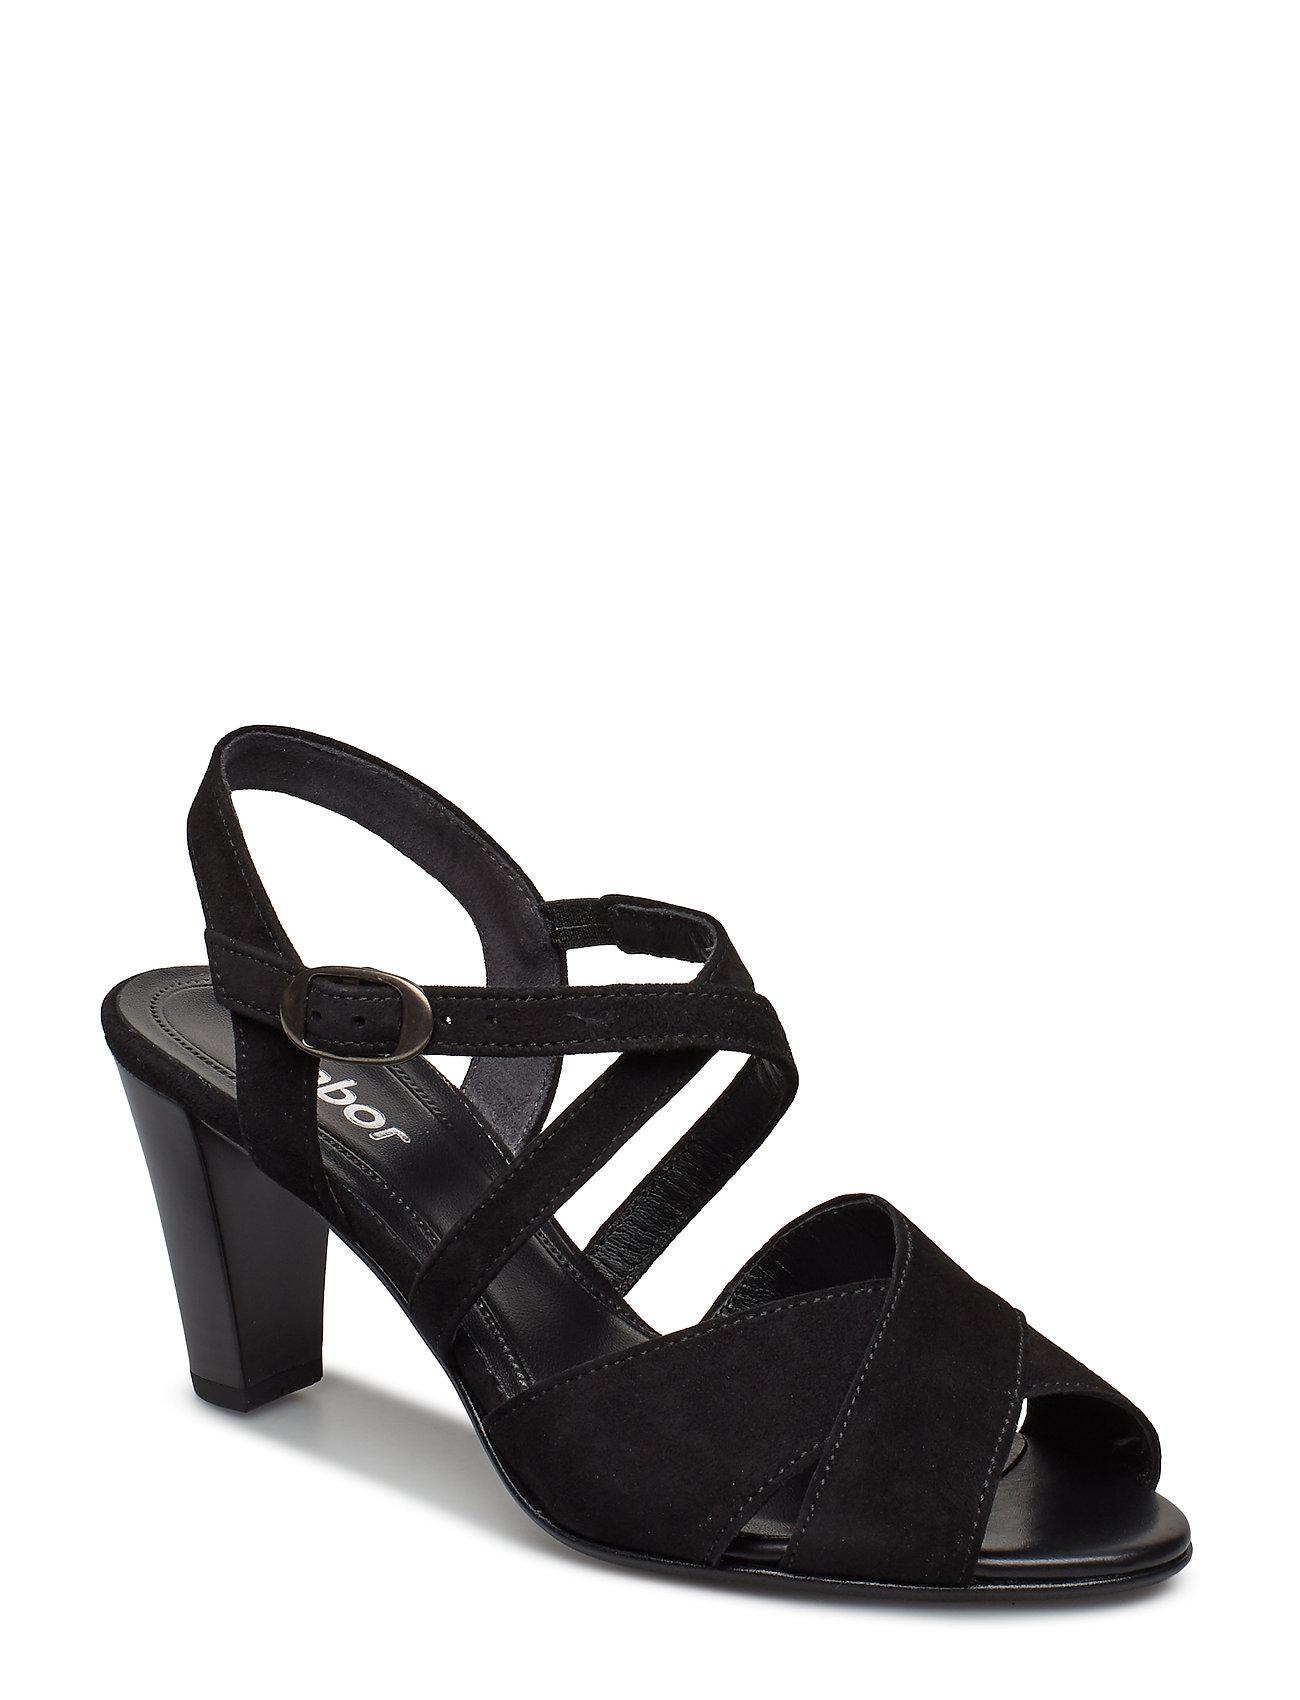 4df04c6ce35 Sort Gabor Sling Sandals højhælede sandaler for dame - Pashion.dk